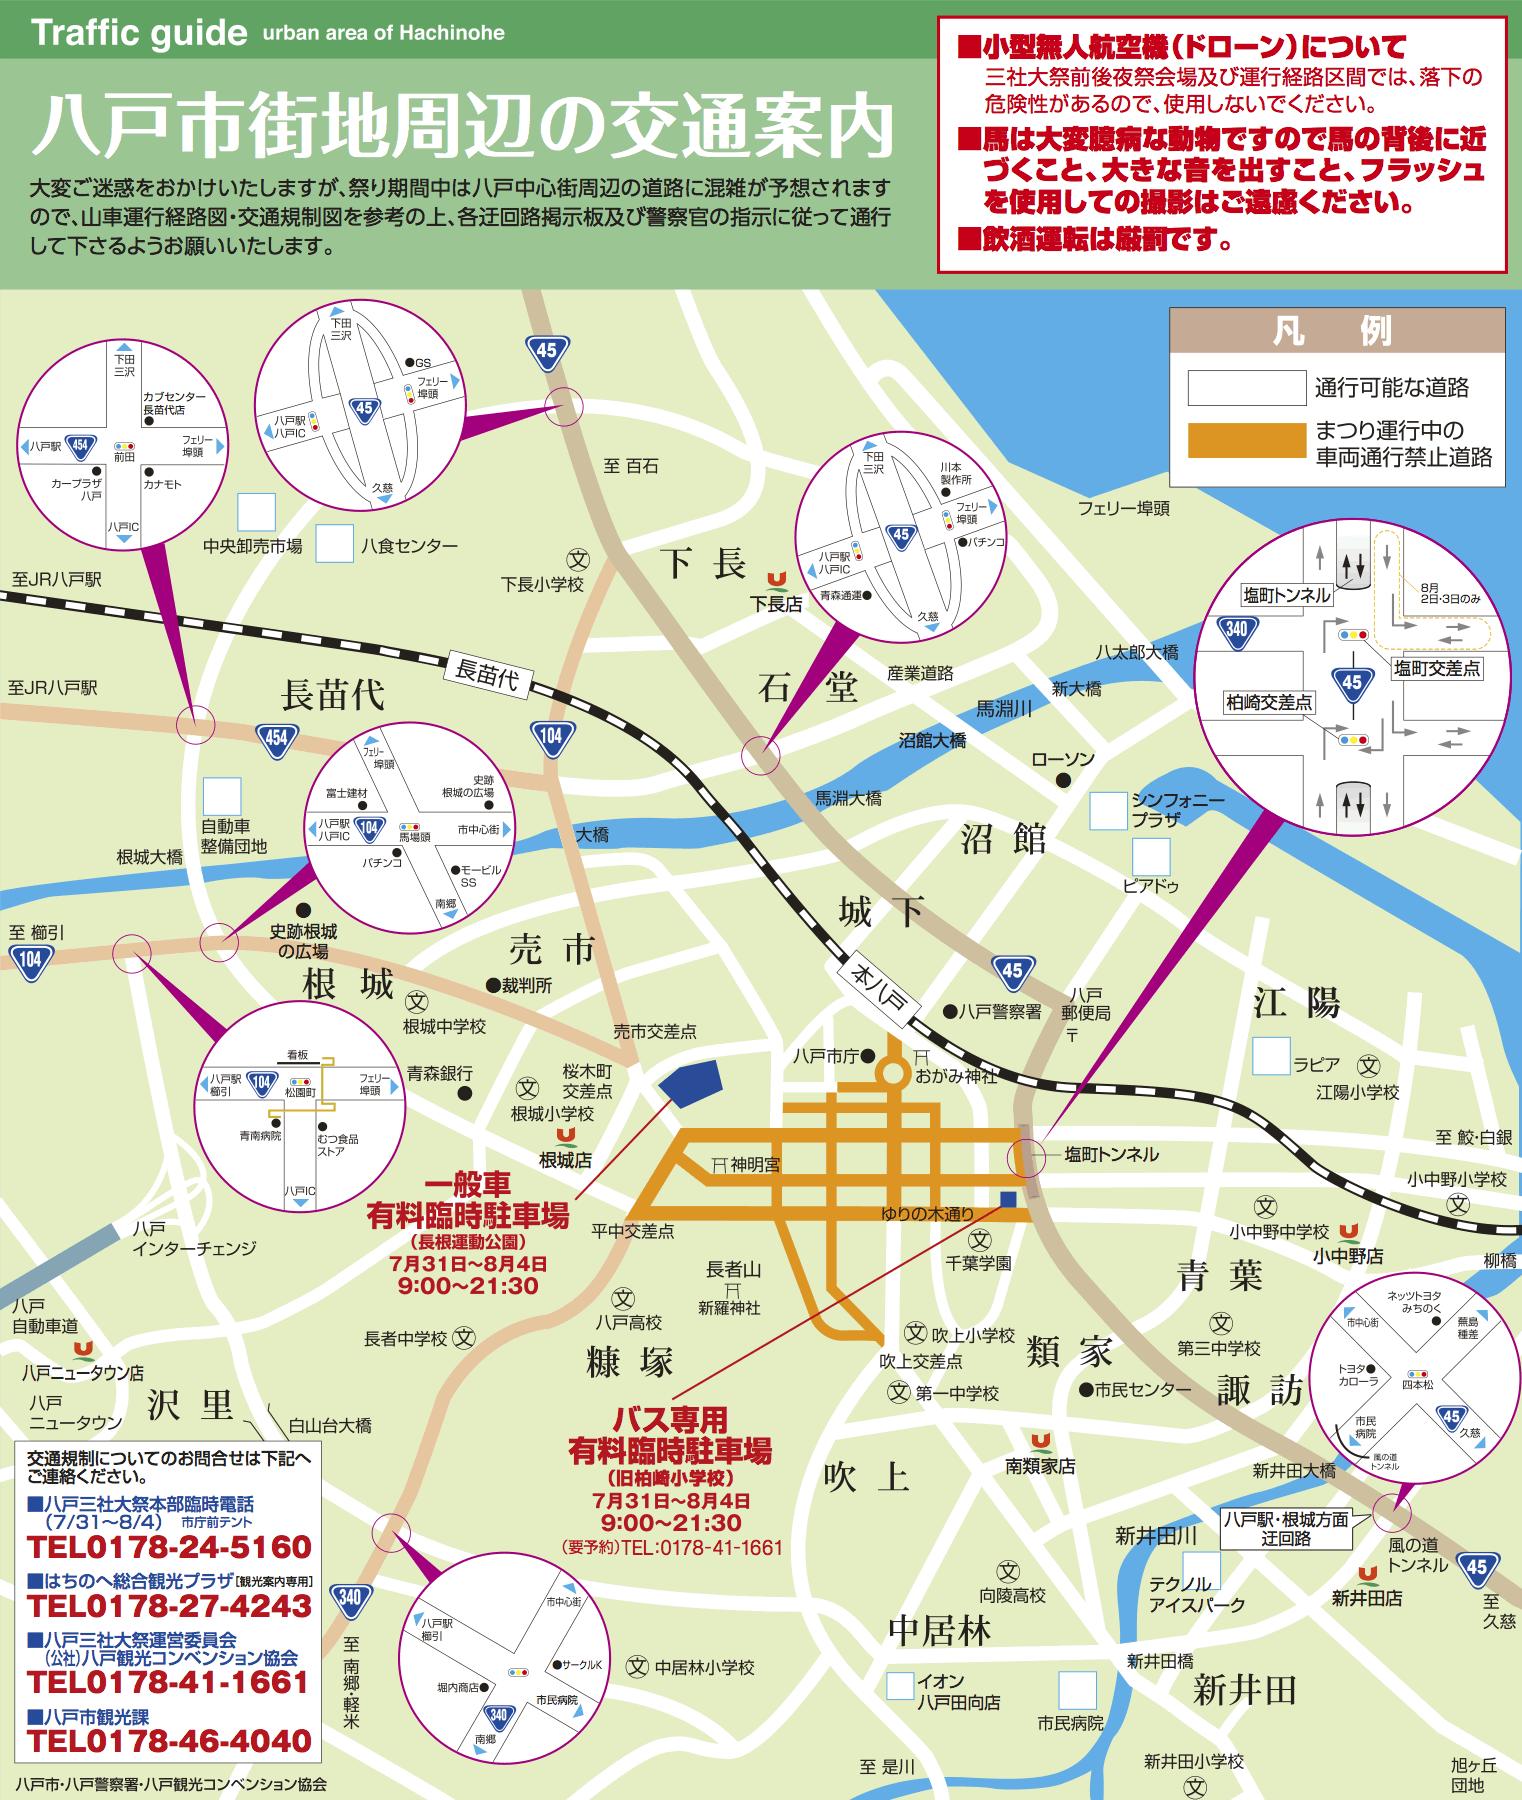 八戸三社大祭2016:八戸市外周辺の交通案内